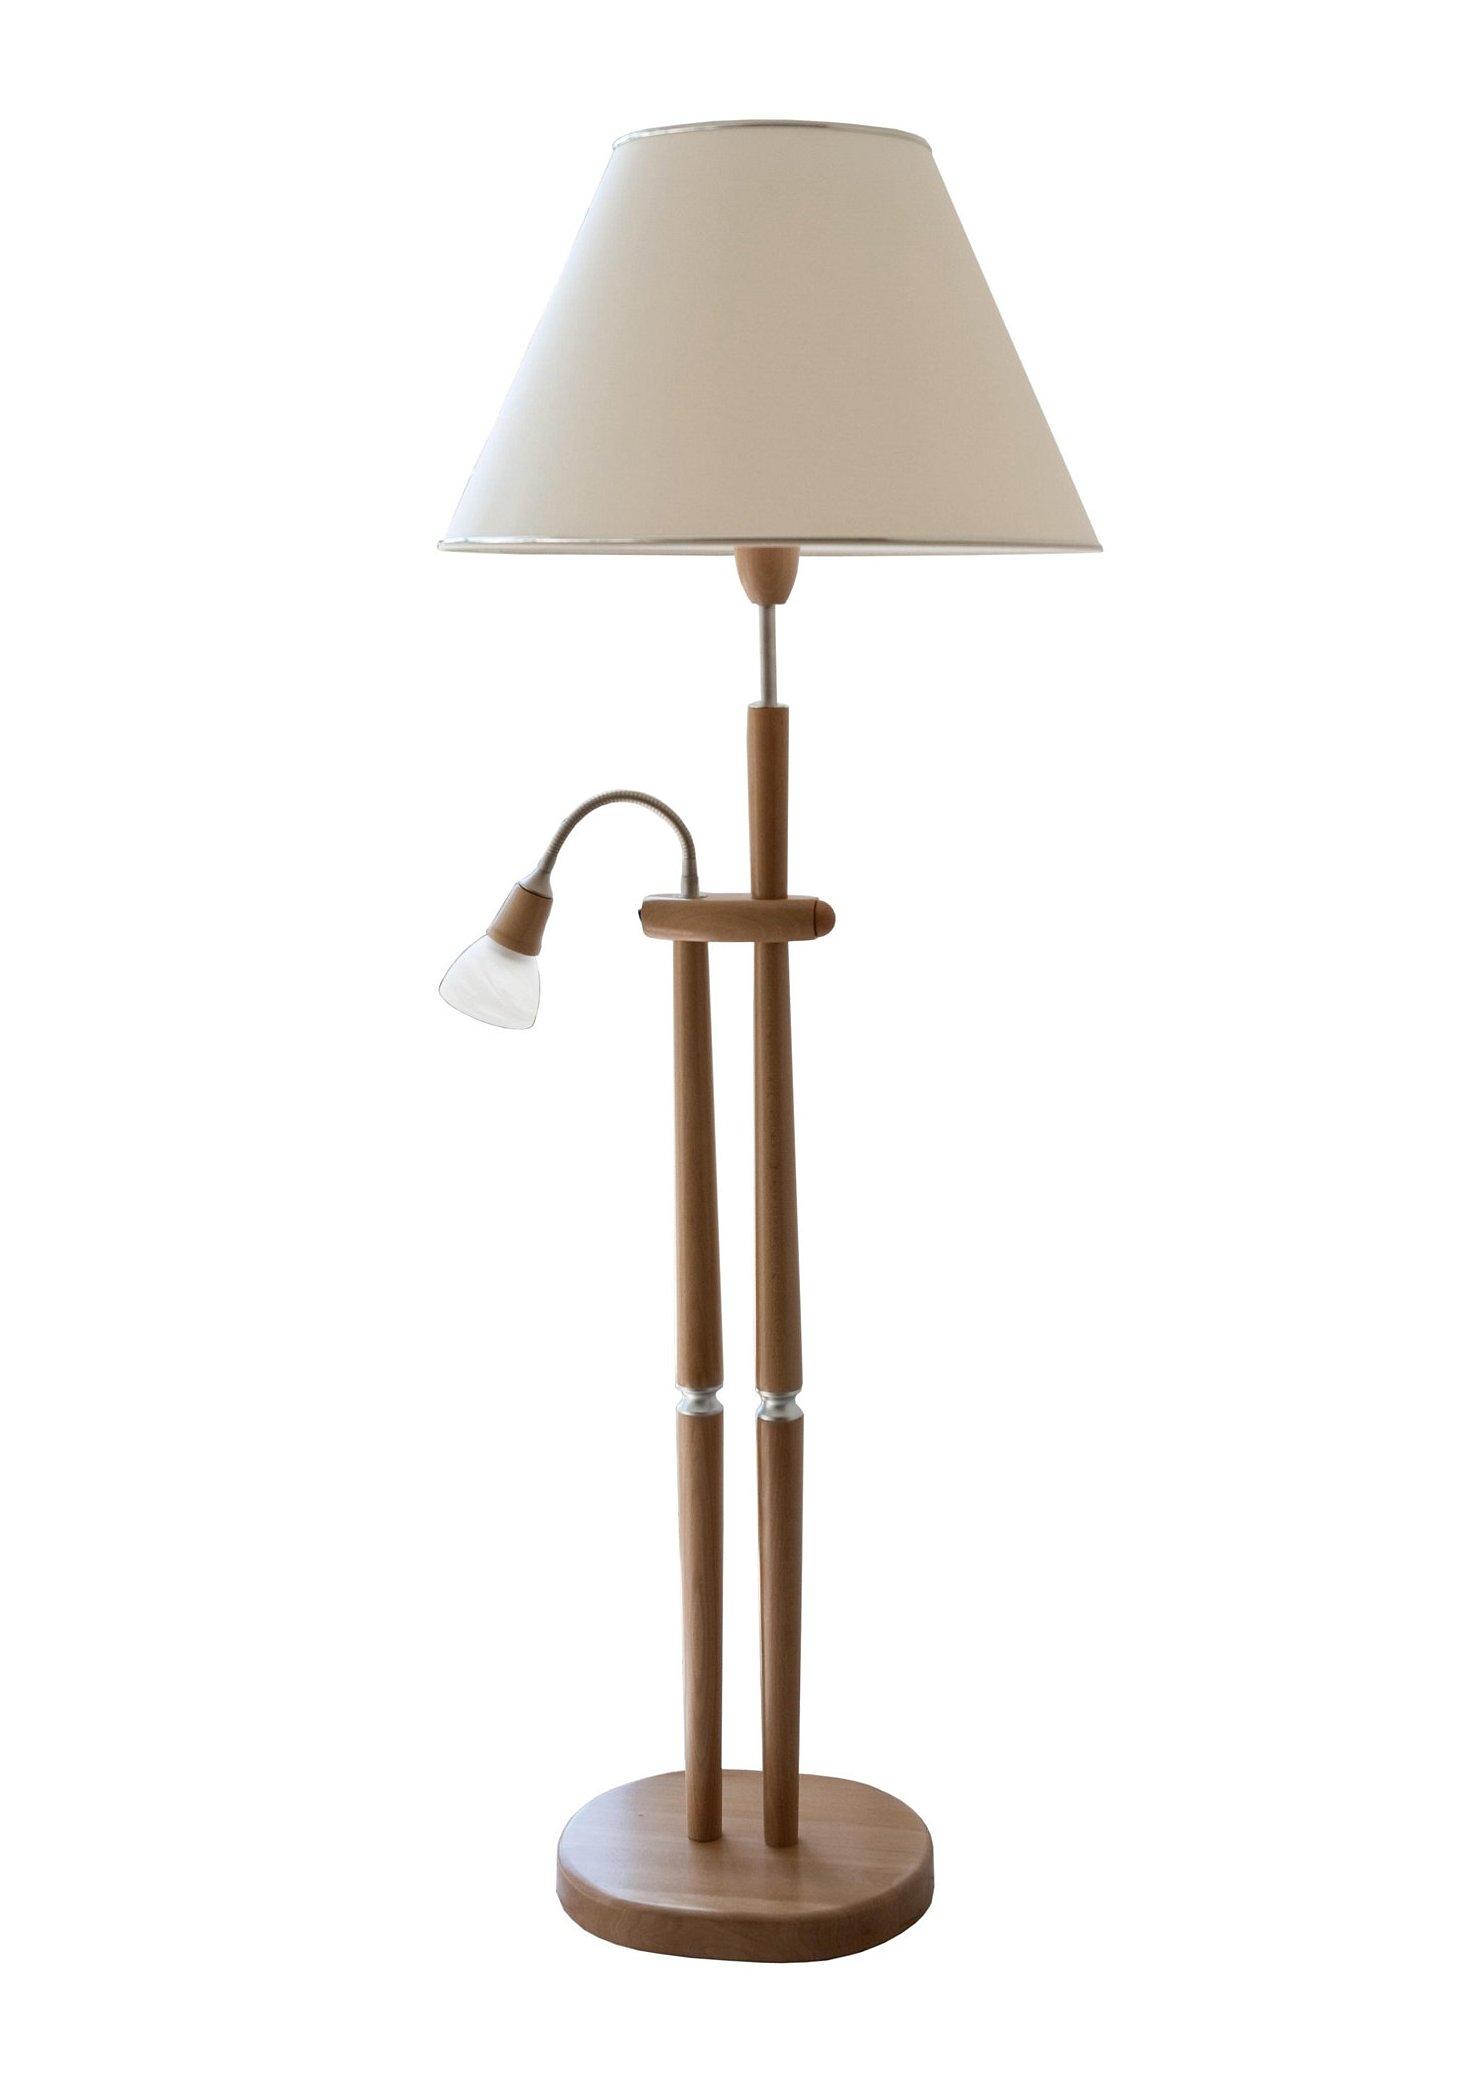 vloerlampen kopen prachtige vloerlampen voor elke woonstijl otto. Black Bedroom Furniture Sets. Home Design Ideas